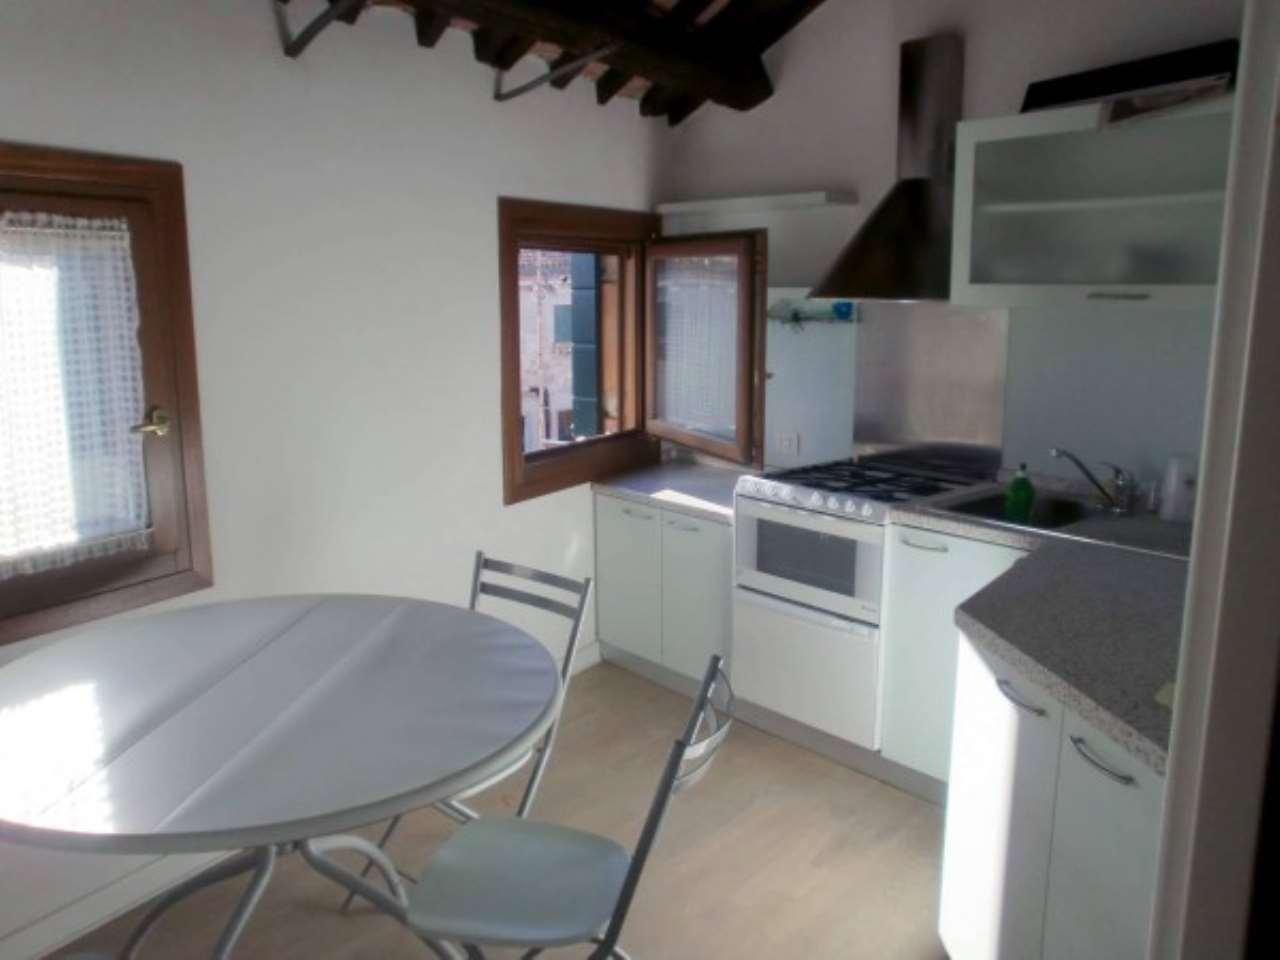 Attico / Mansarda in vendita a Venezia, 5 locali, zona Zona: 5 . San Marco, prezzo € 580.000   Cambio Casa.it